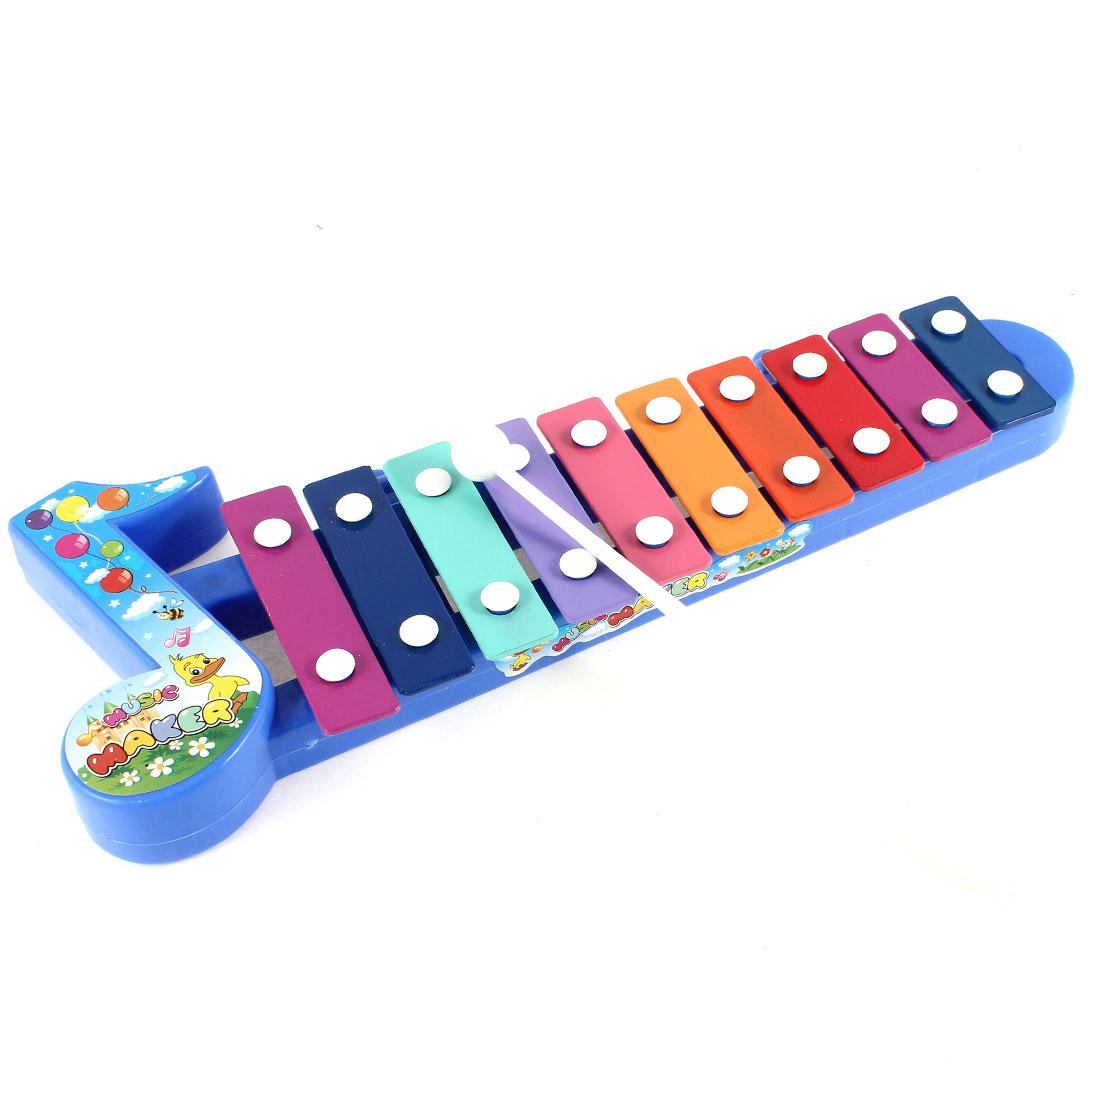 Straight Note Design Baby Knocked Serinette Music Maker Musical Instrument Gift